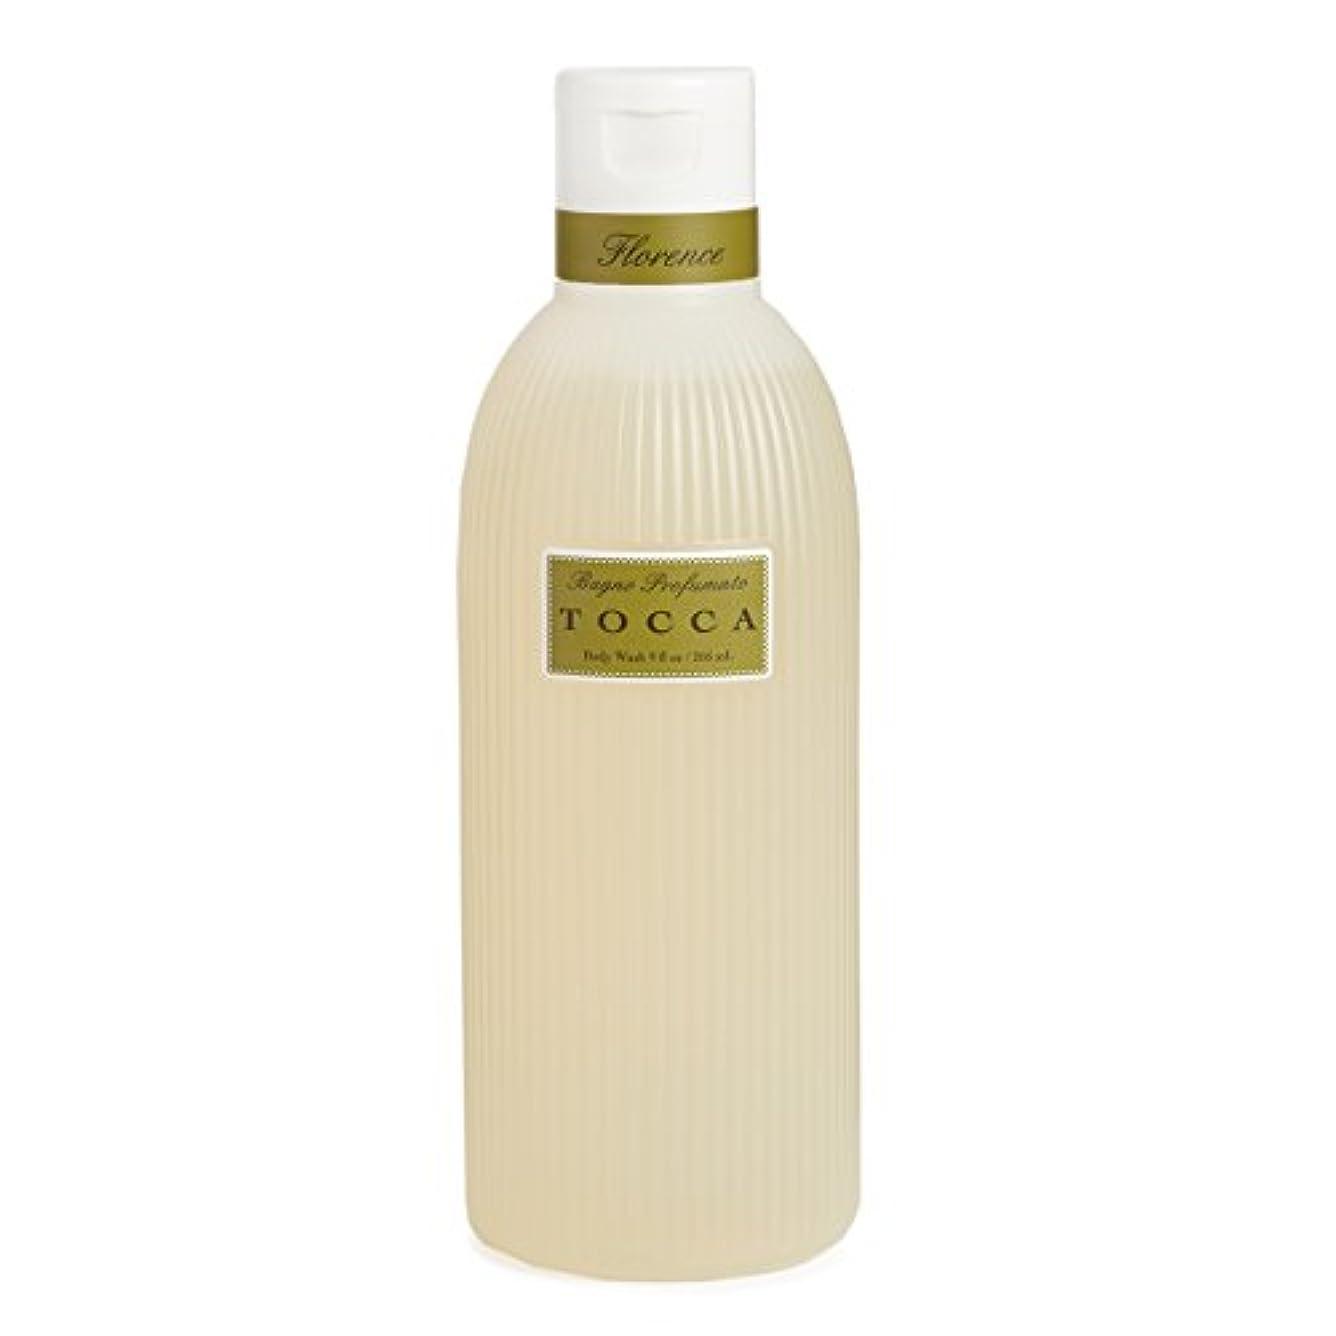 管理します従事した六分儀トッカ(TOCCA) ボディーケアウォッシュ フローレンスの香り 266ml(全身用洗浄料 ボディーソープ ガーデニアとベルガモットが誘うように溶け合うどこまでも上品なフローラルの香り)